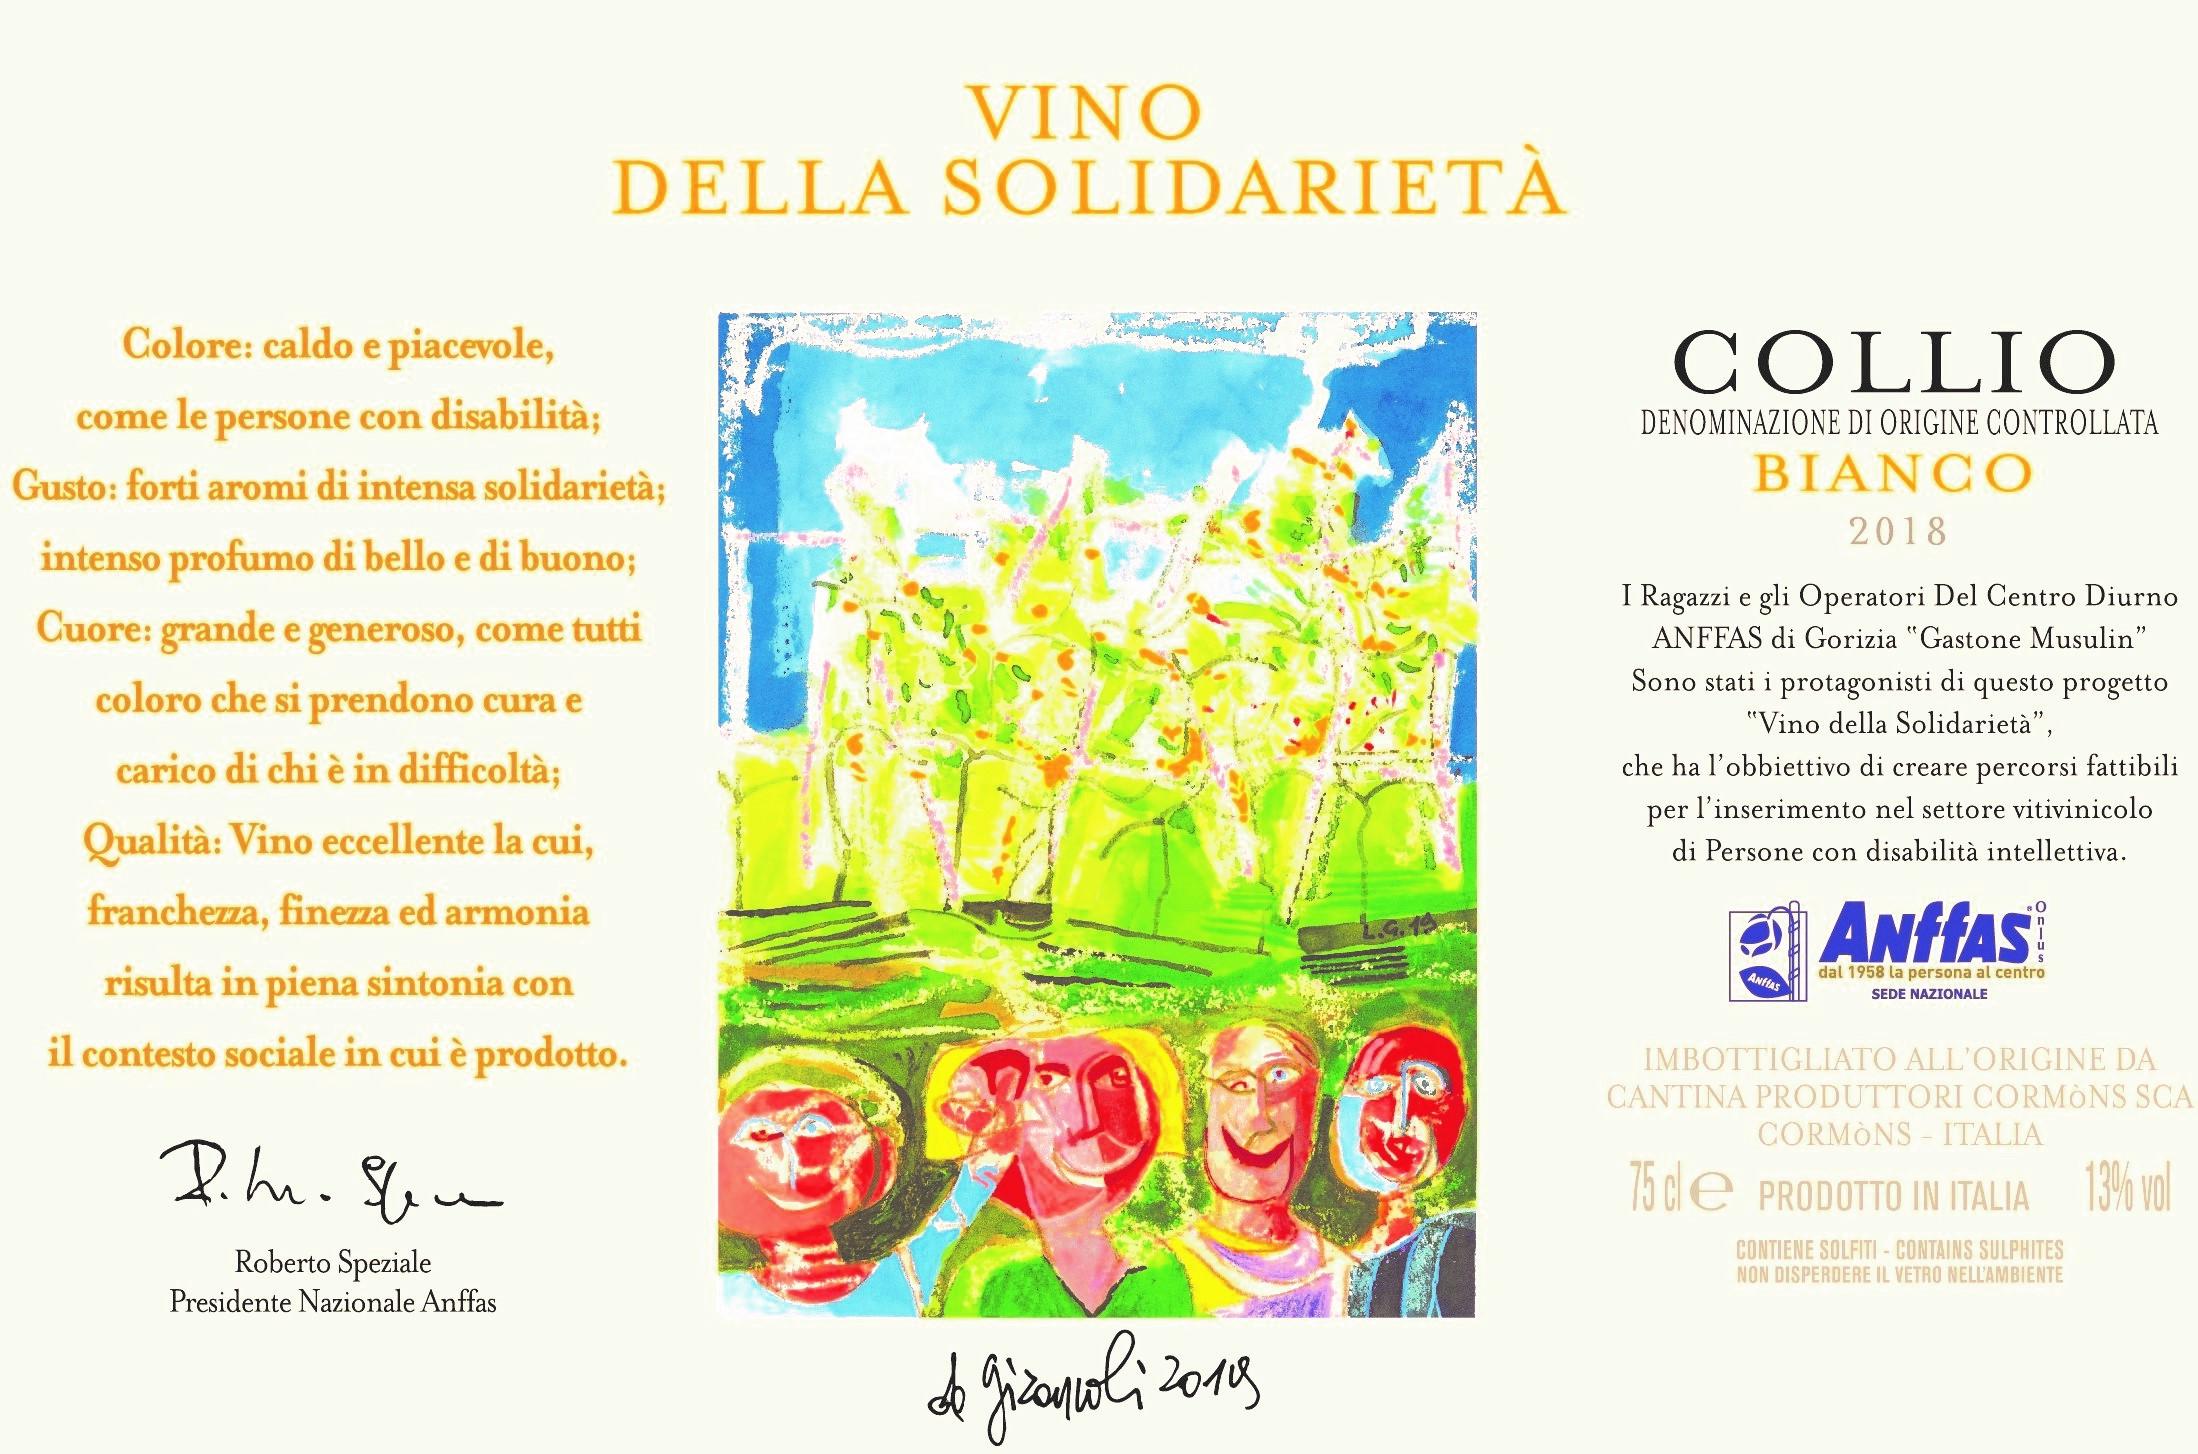 Etichetta vino solidarietà 2019